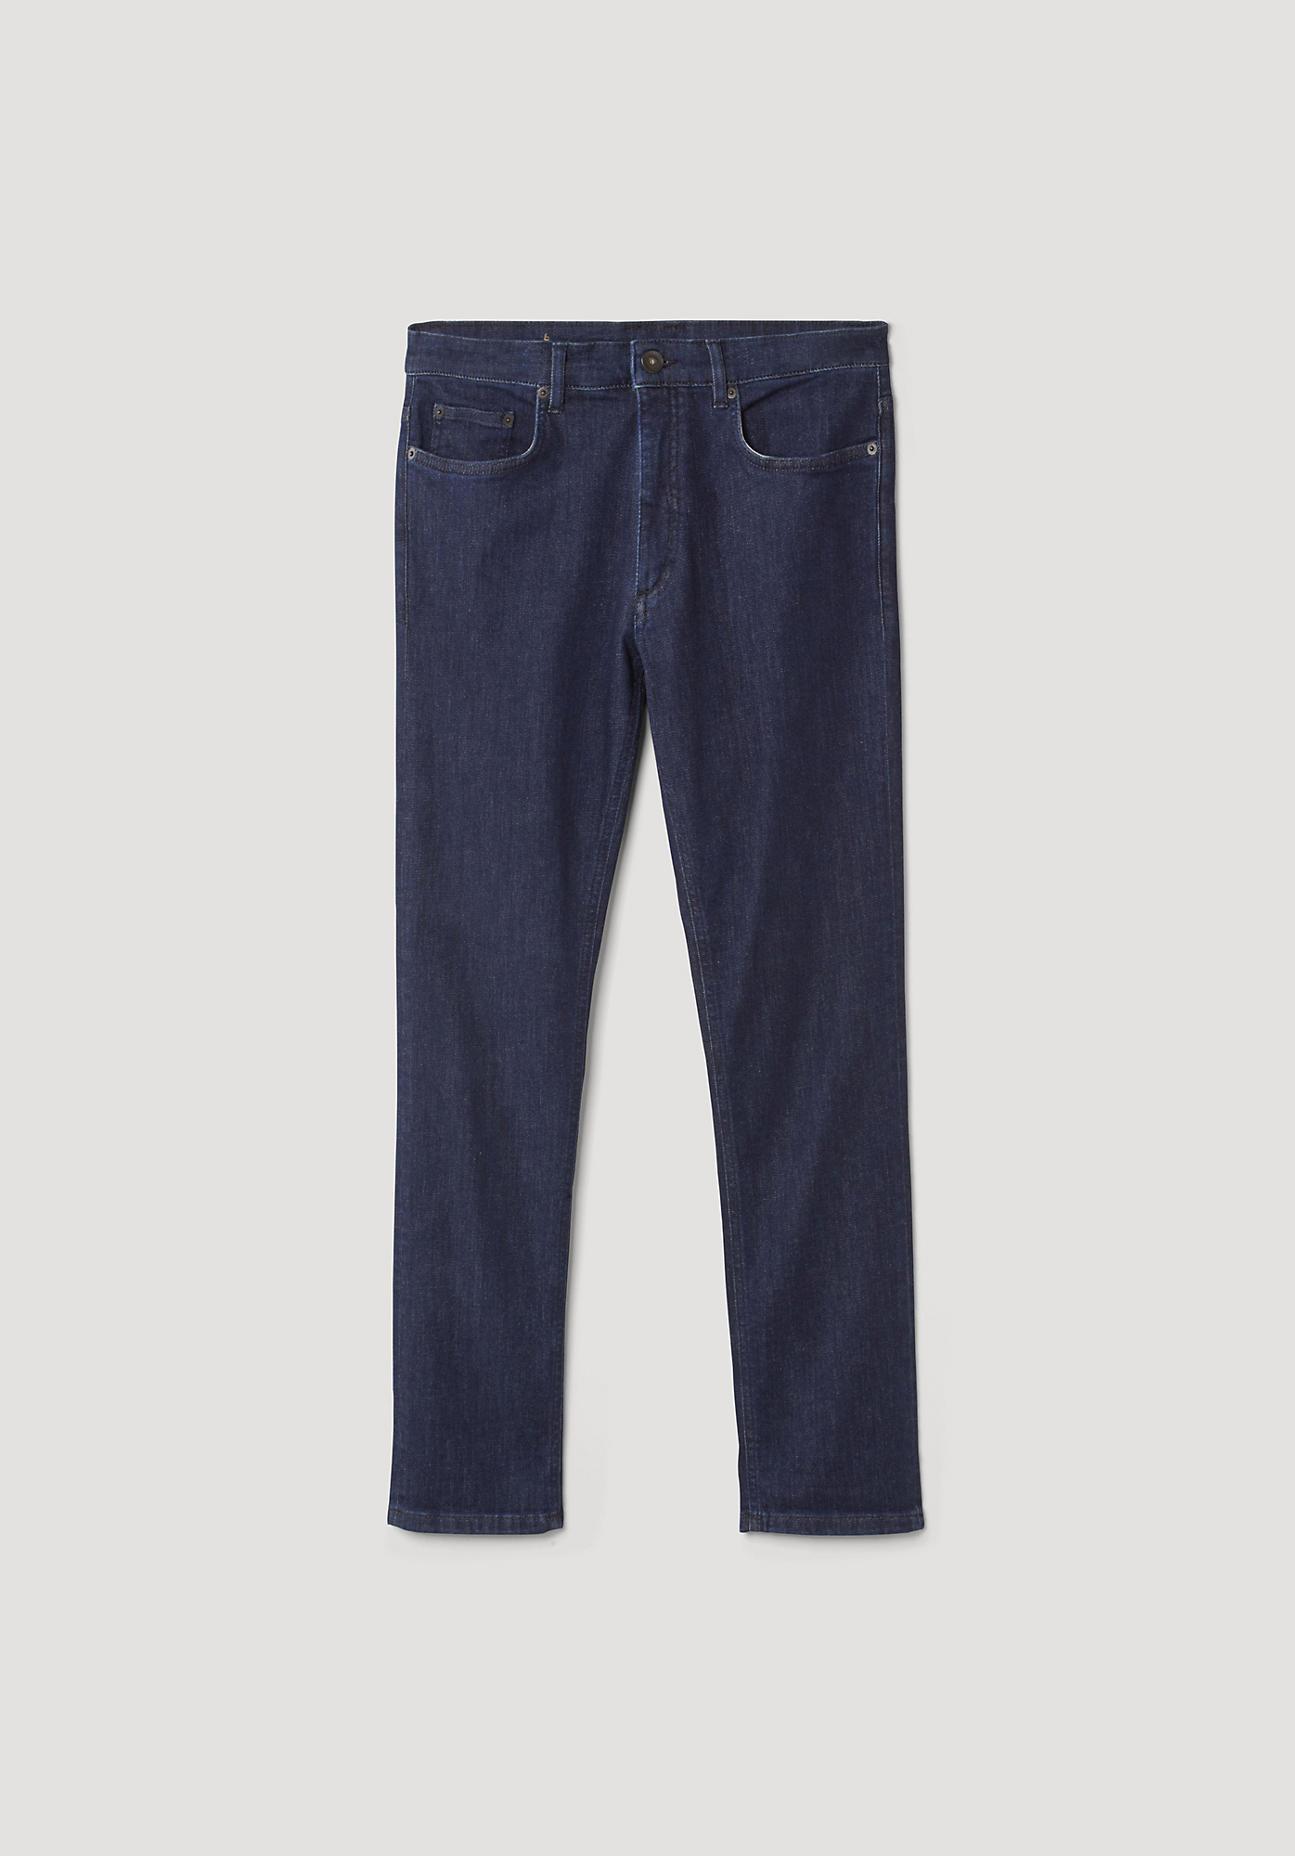 hessnatur Herren Jeans Jasper Slim Fit aus Bio-Denim – blau – Größe 28/30